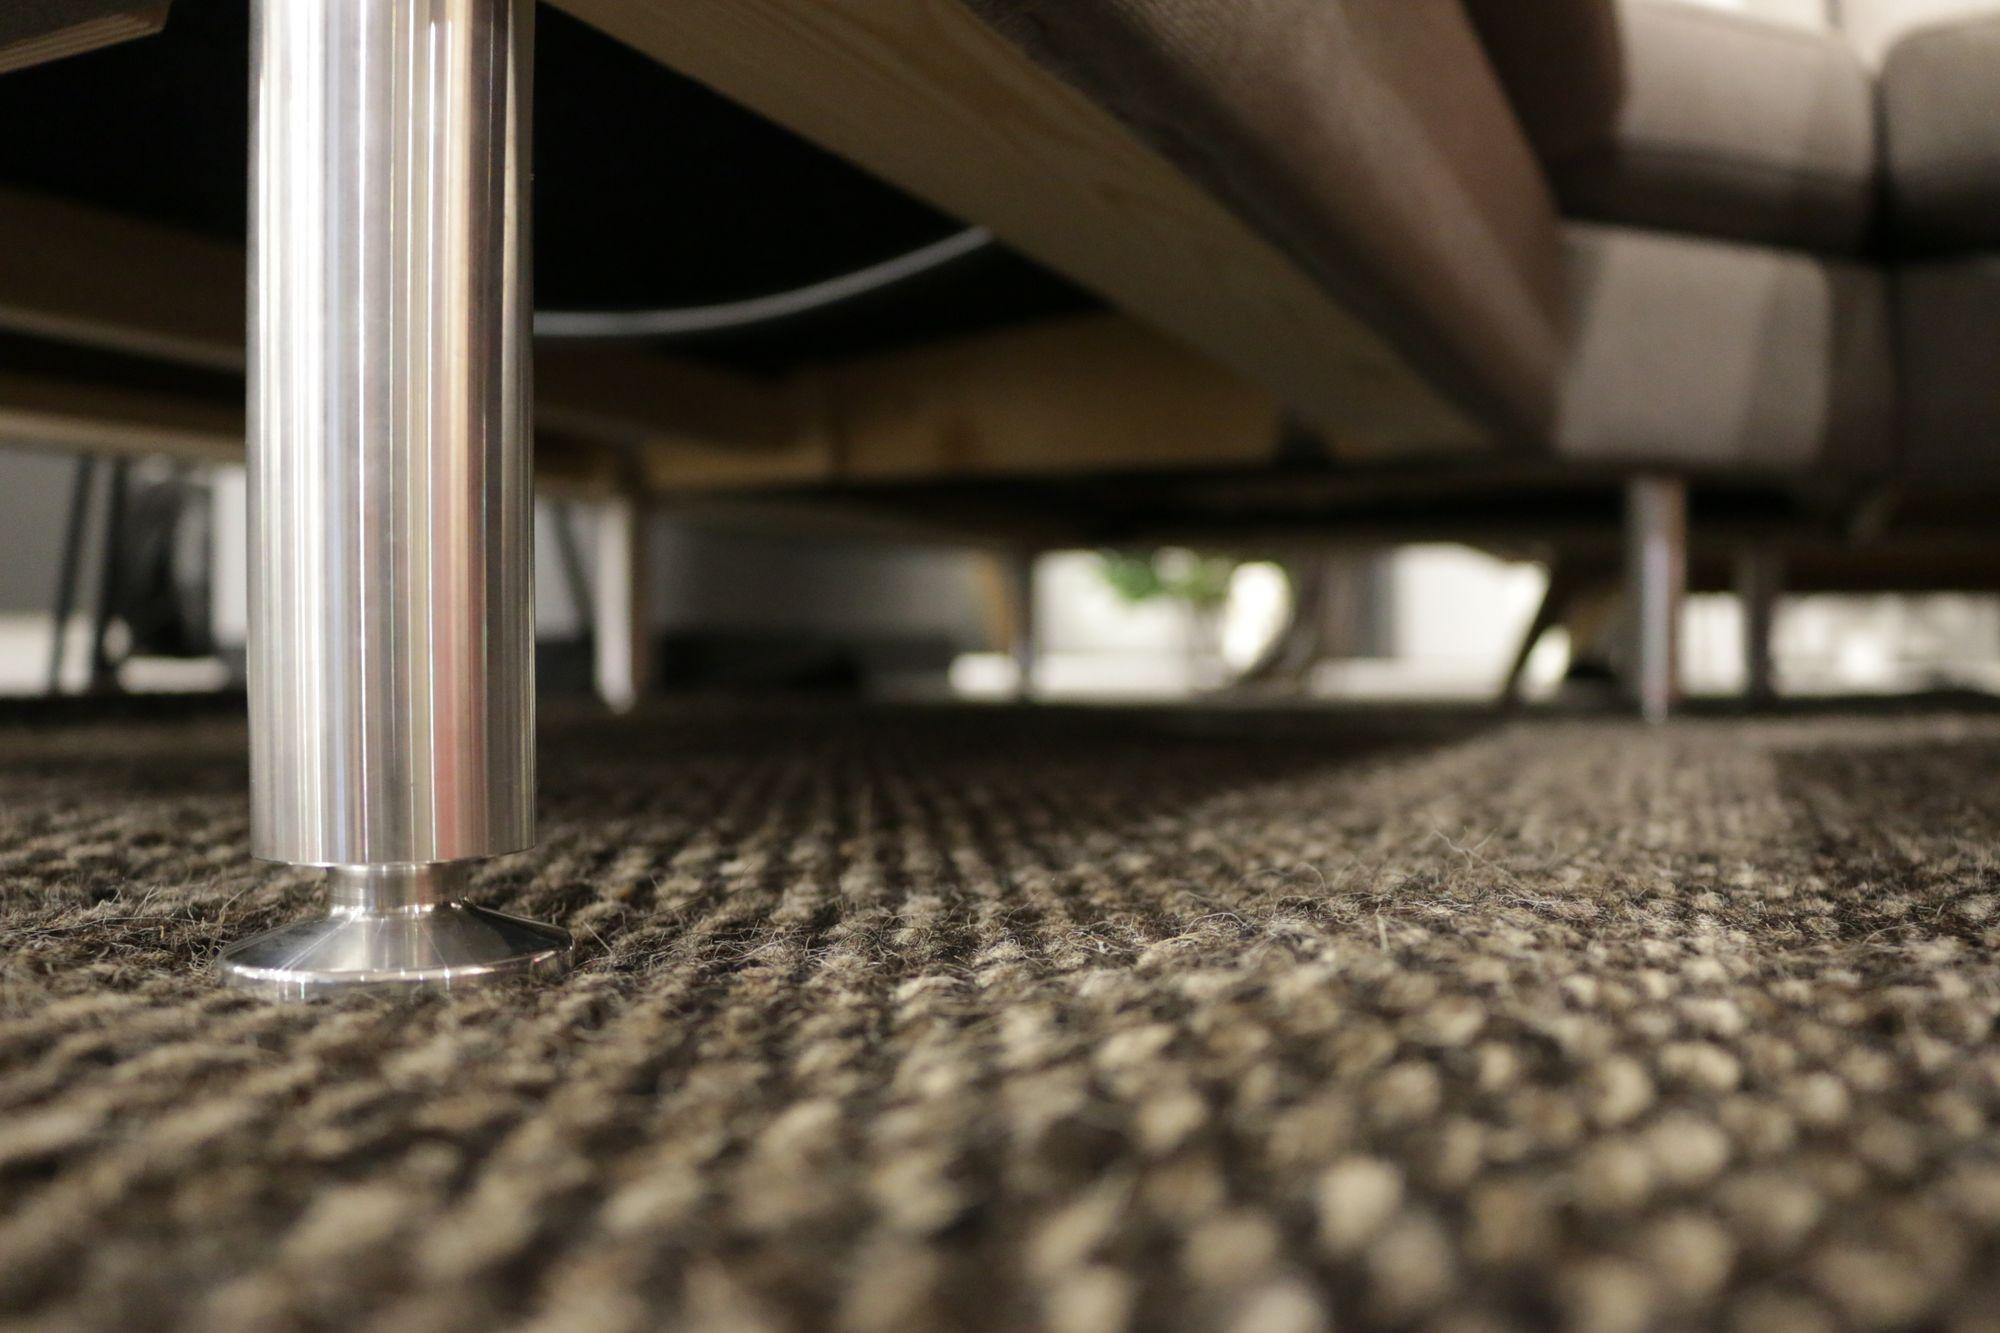 PRAKTISK HØGDE: *Namn på sofa* har høgare bein samanlikna med førre modell. Dette gjer det lettare å komme til og vaske.